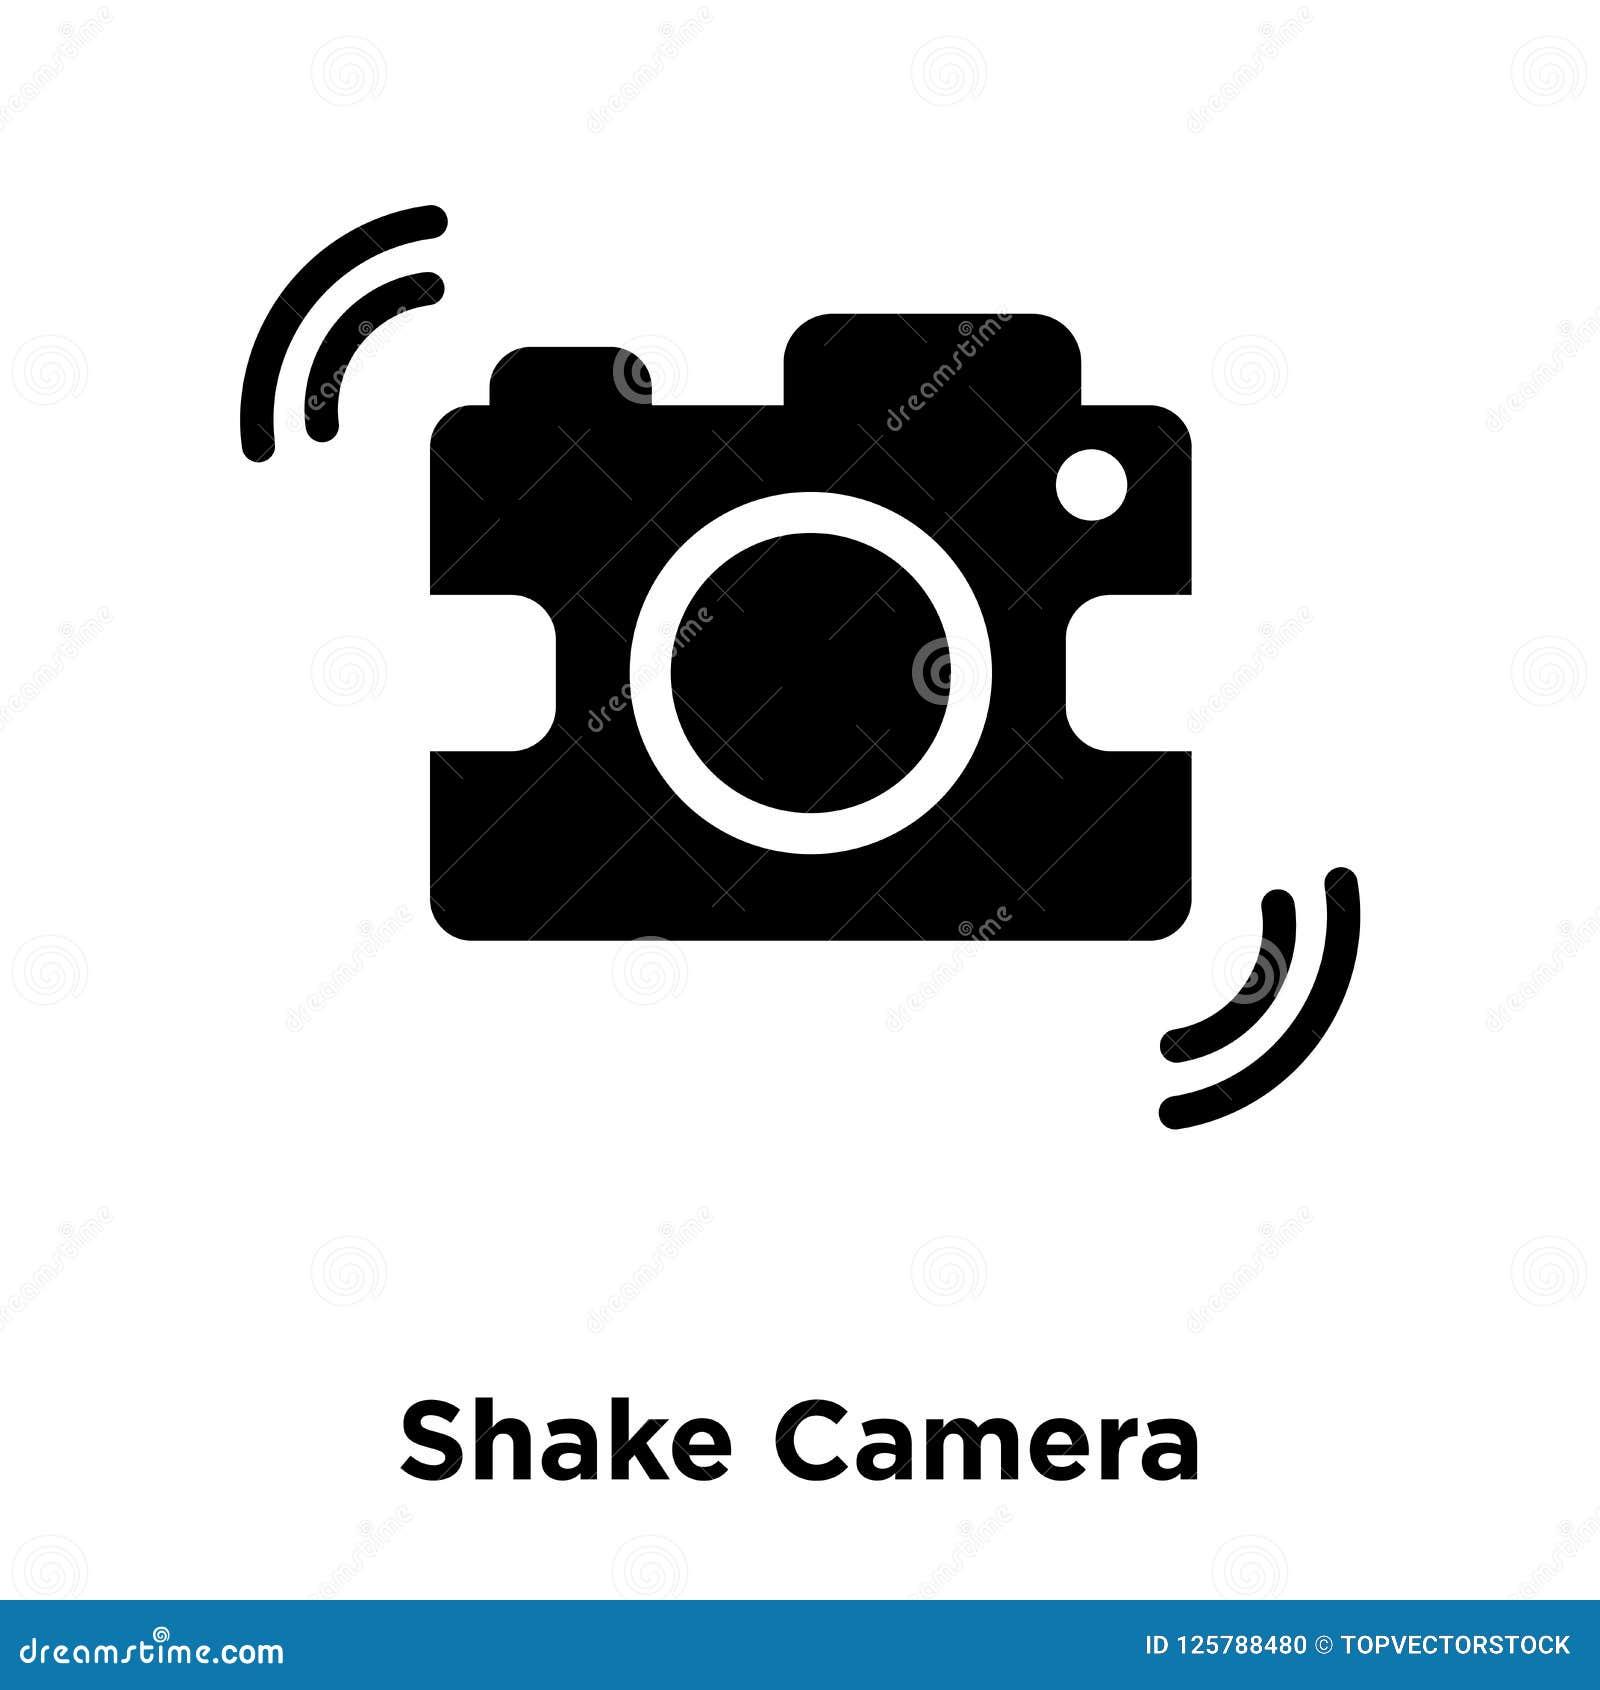 Agite o vetor do ícone da câmera isolado no fundo branco, logotipo concentrado